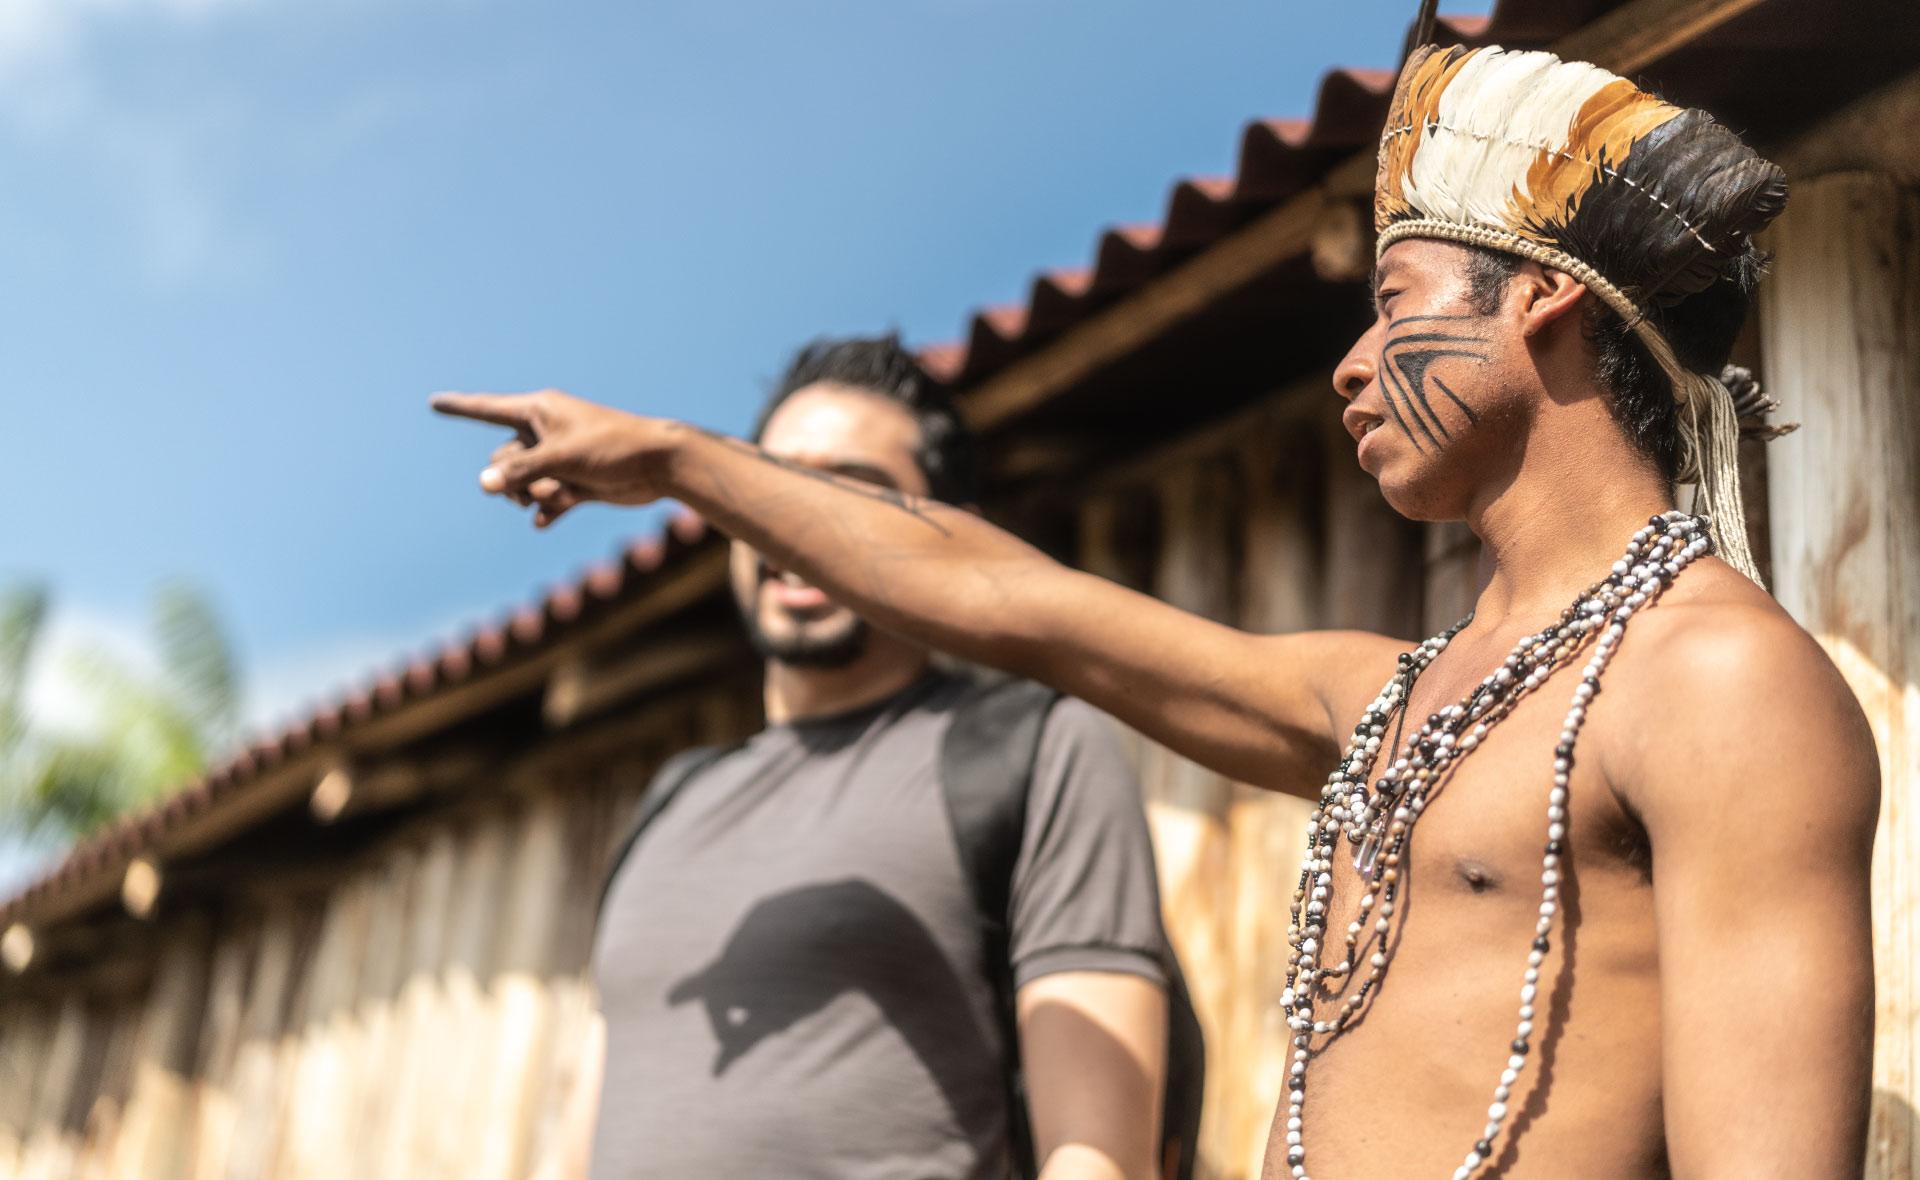 El respeto a las culturas locales es un eje fundamental para conseguir un turismo sostenible.